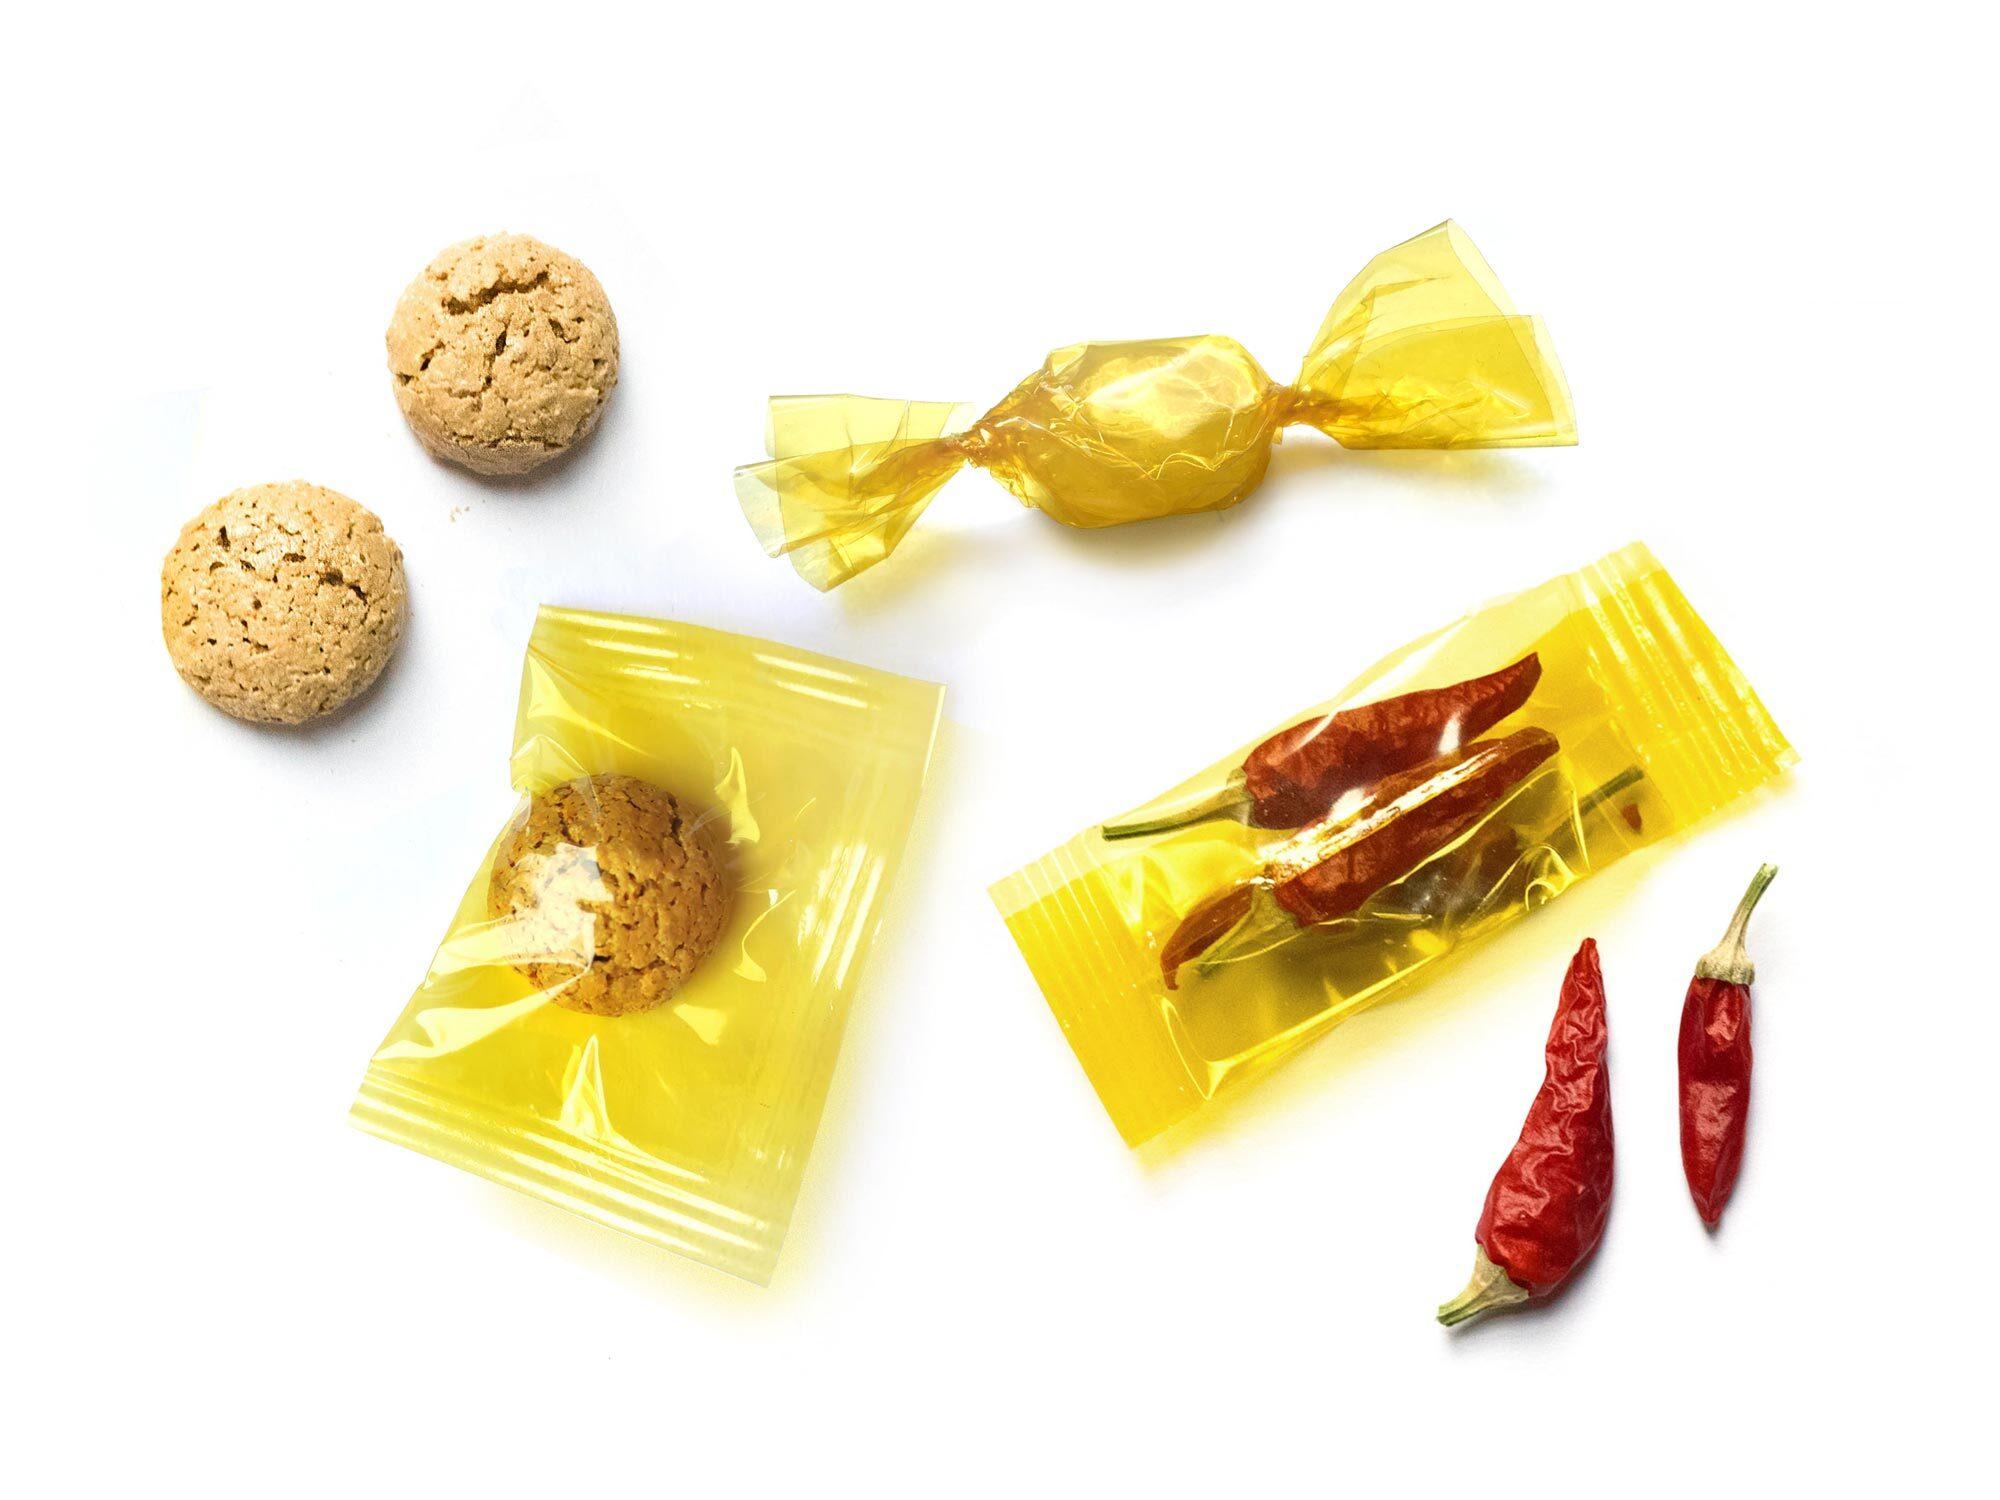 Crean plástico comestible para evitar desperdicios ¡y gana premio!